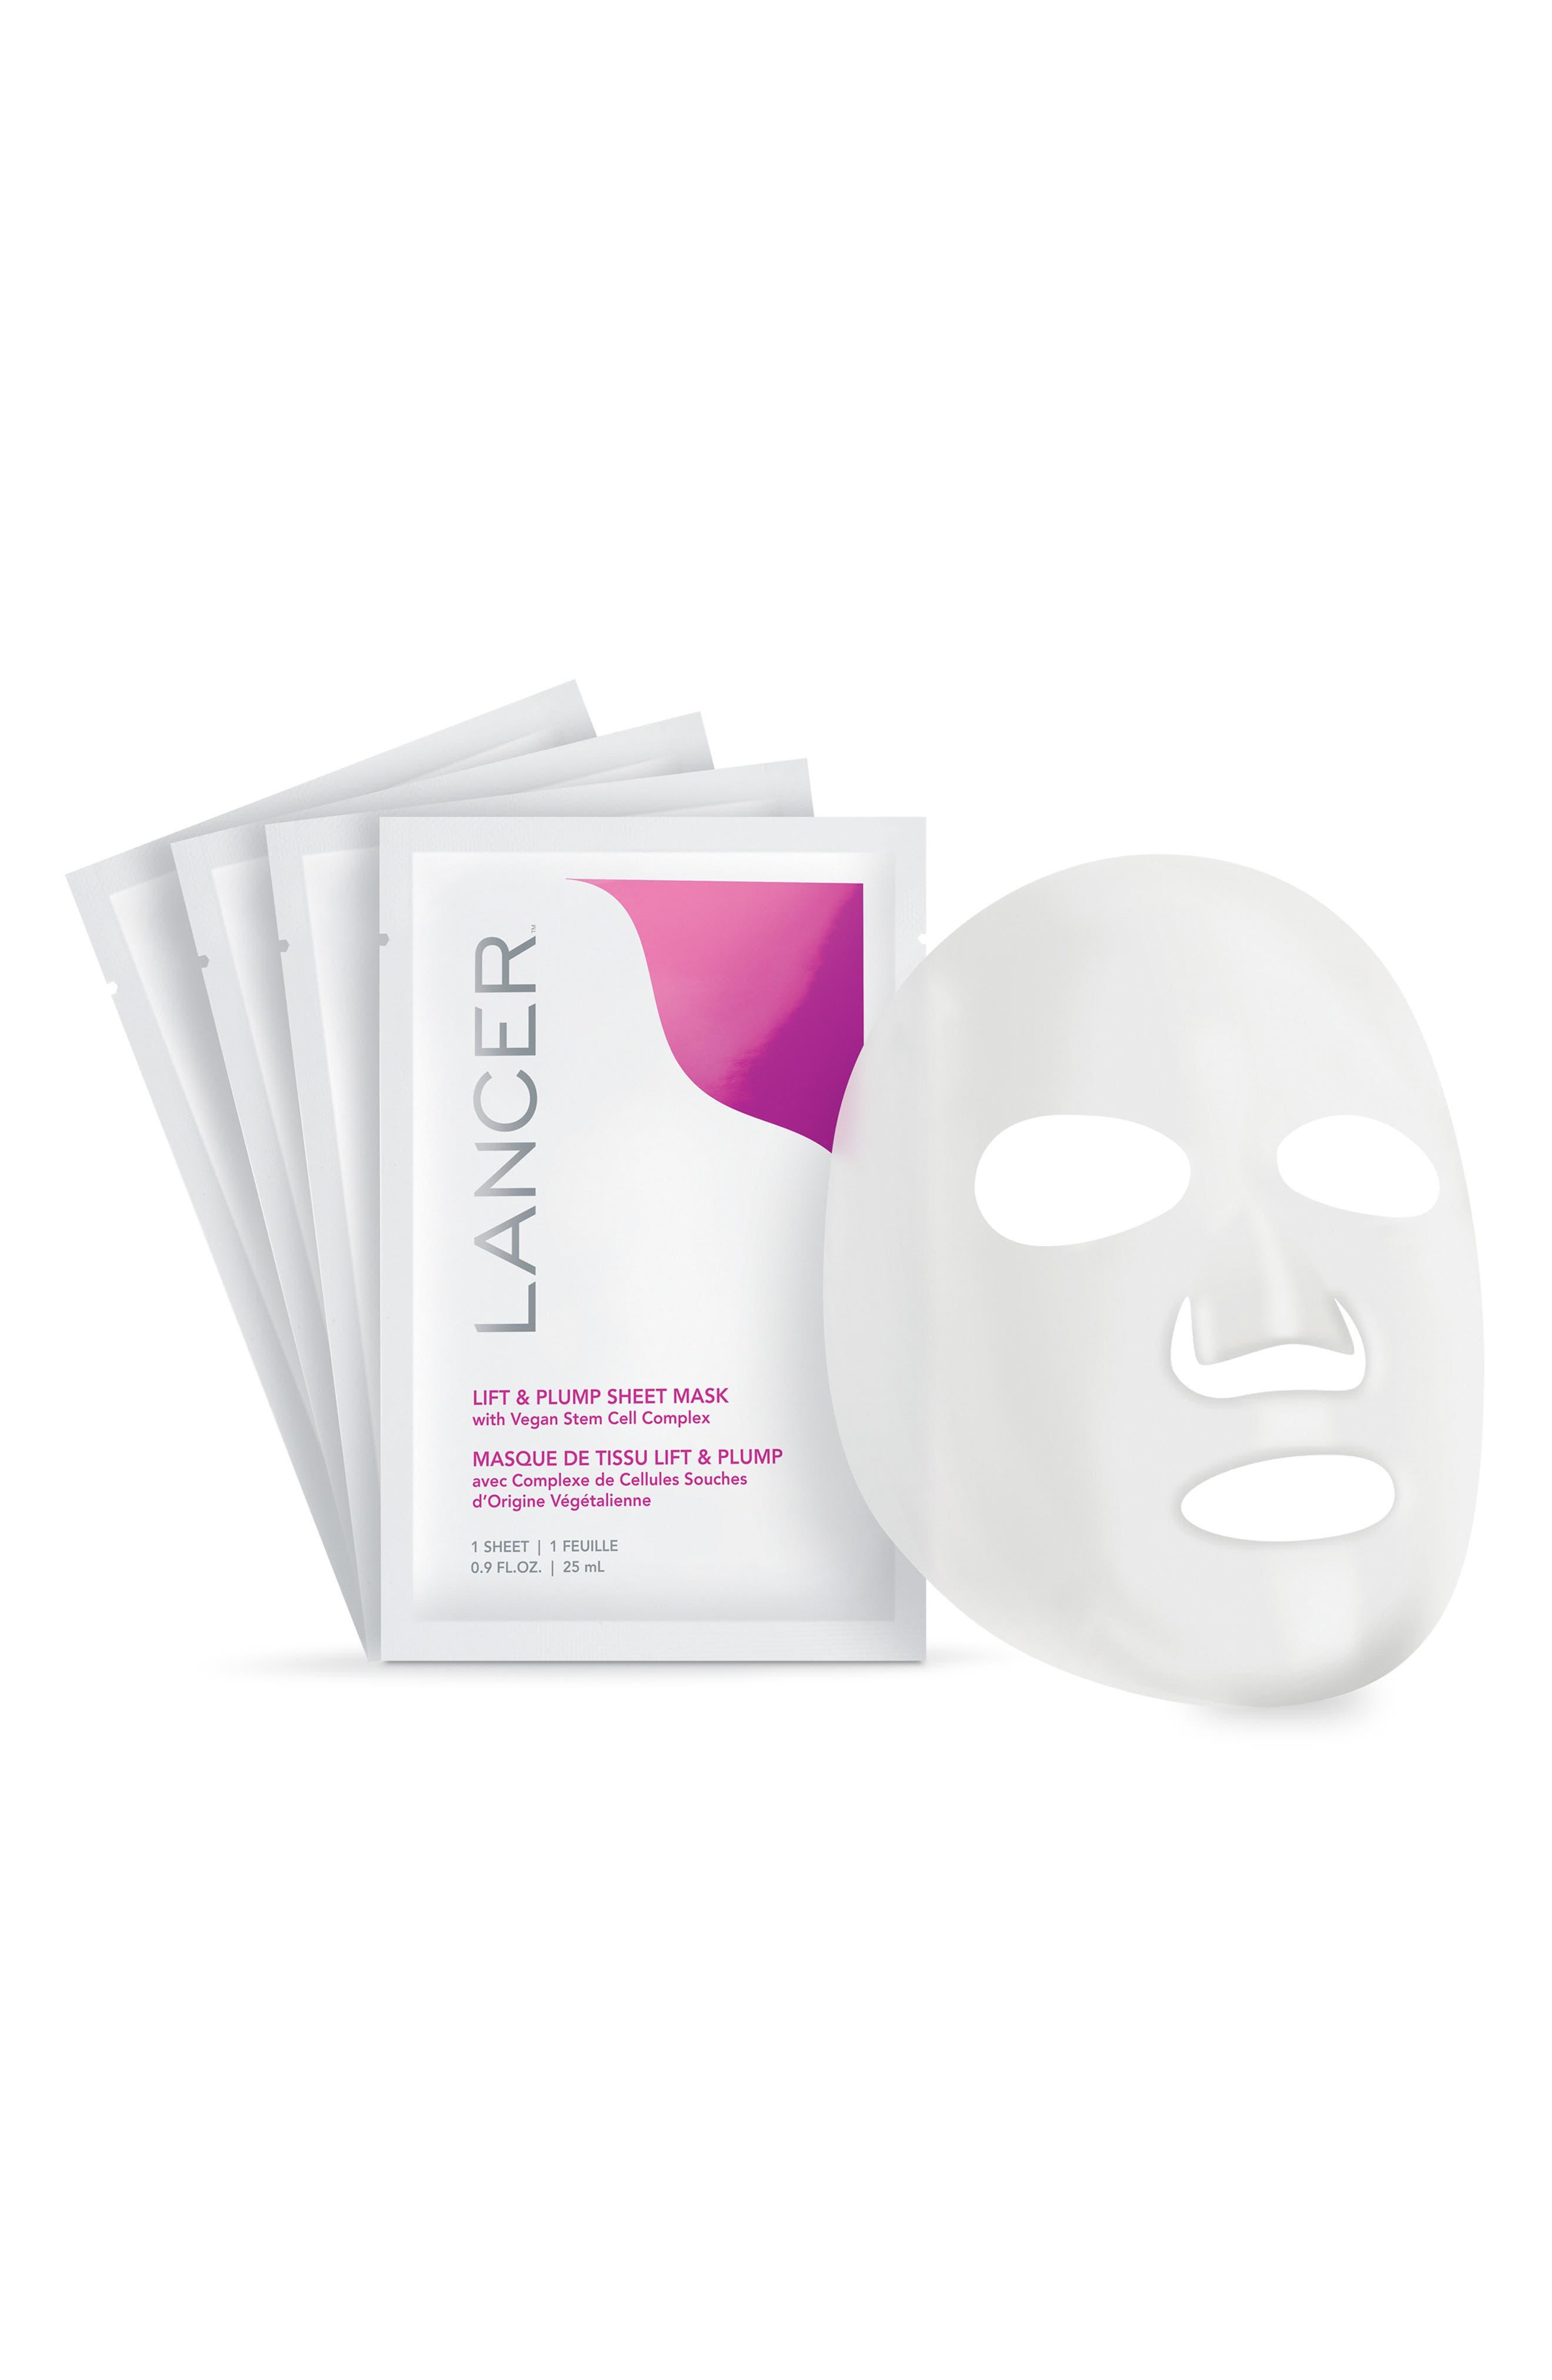 Lift & Plump Sheet Mask